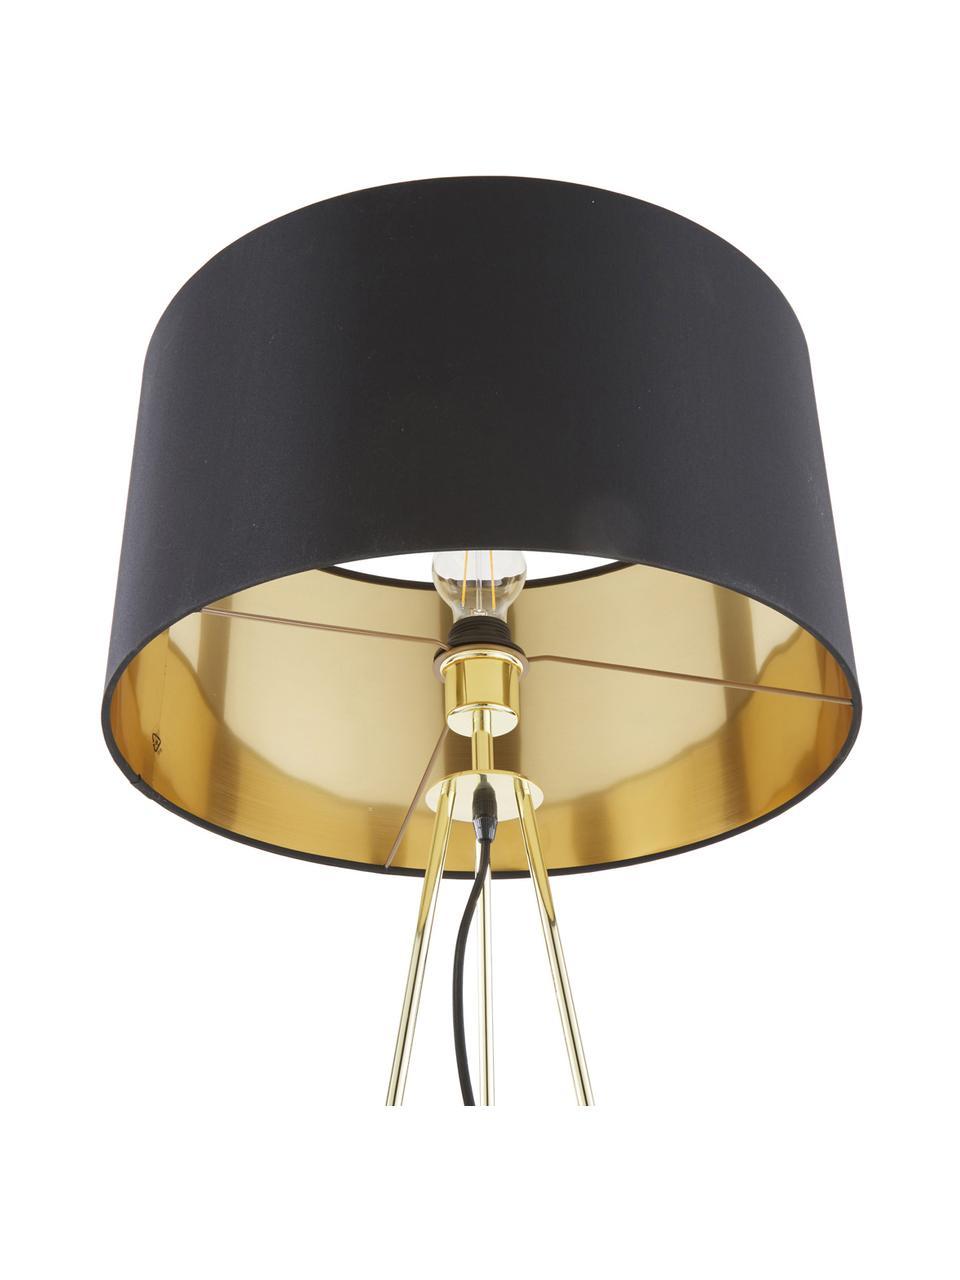 Vloerlamp Jessica met goudkleurig-decoratie, Lampenkap: textiel, Lampvoet: verkoperd metaal, Zwart, koperkleurig, Ø 45 x H 155 cm